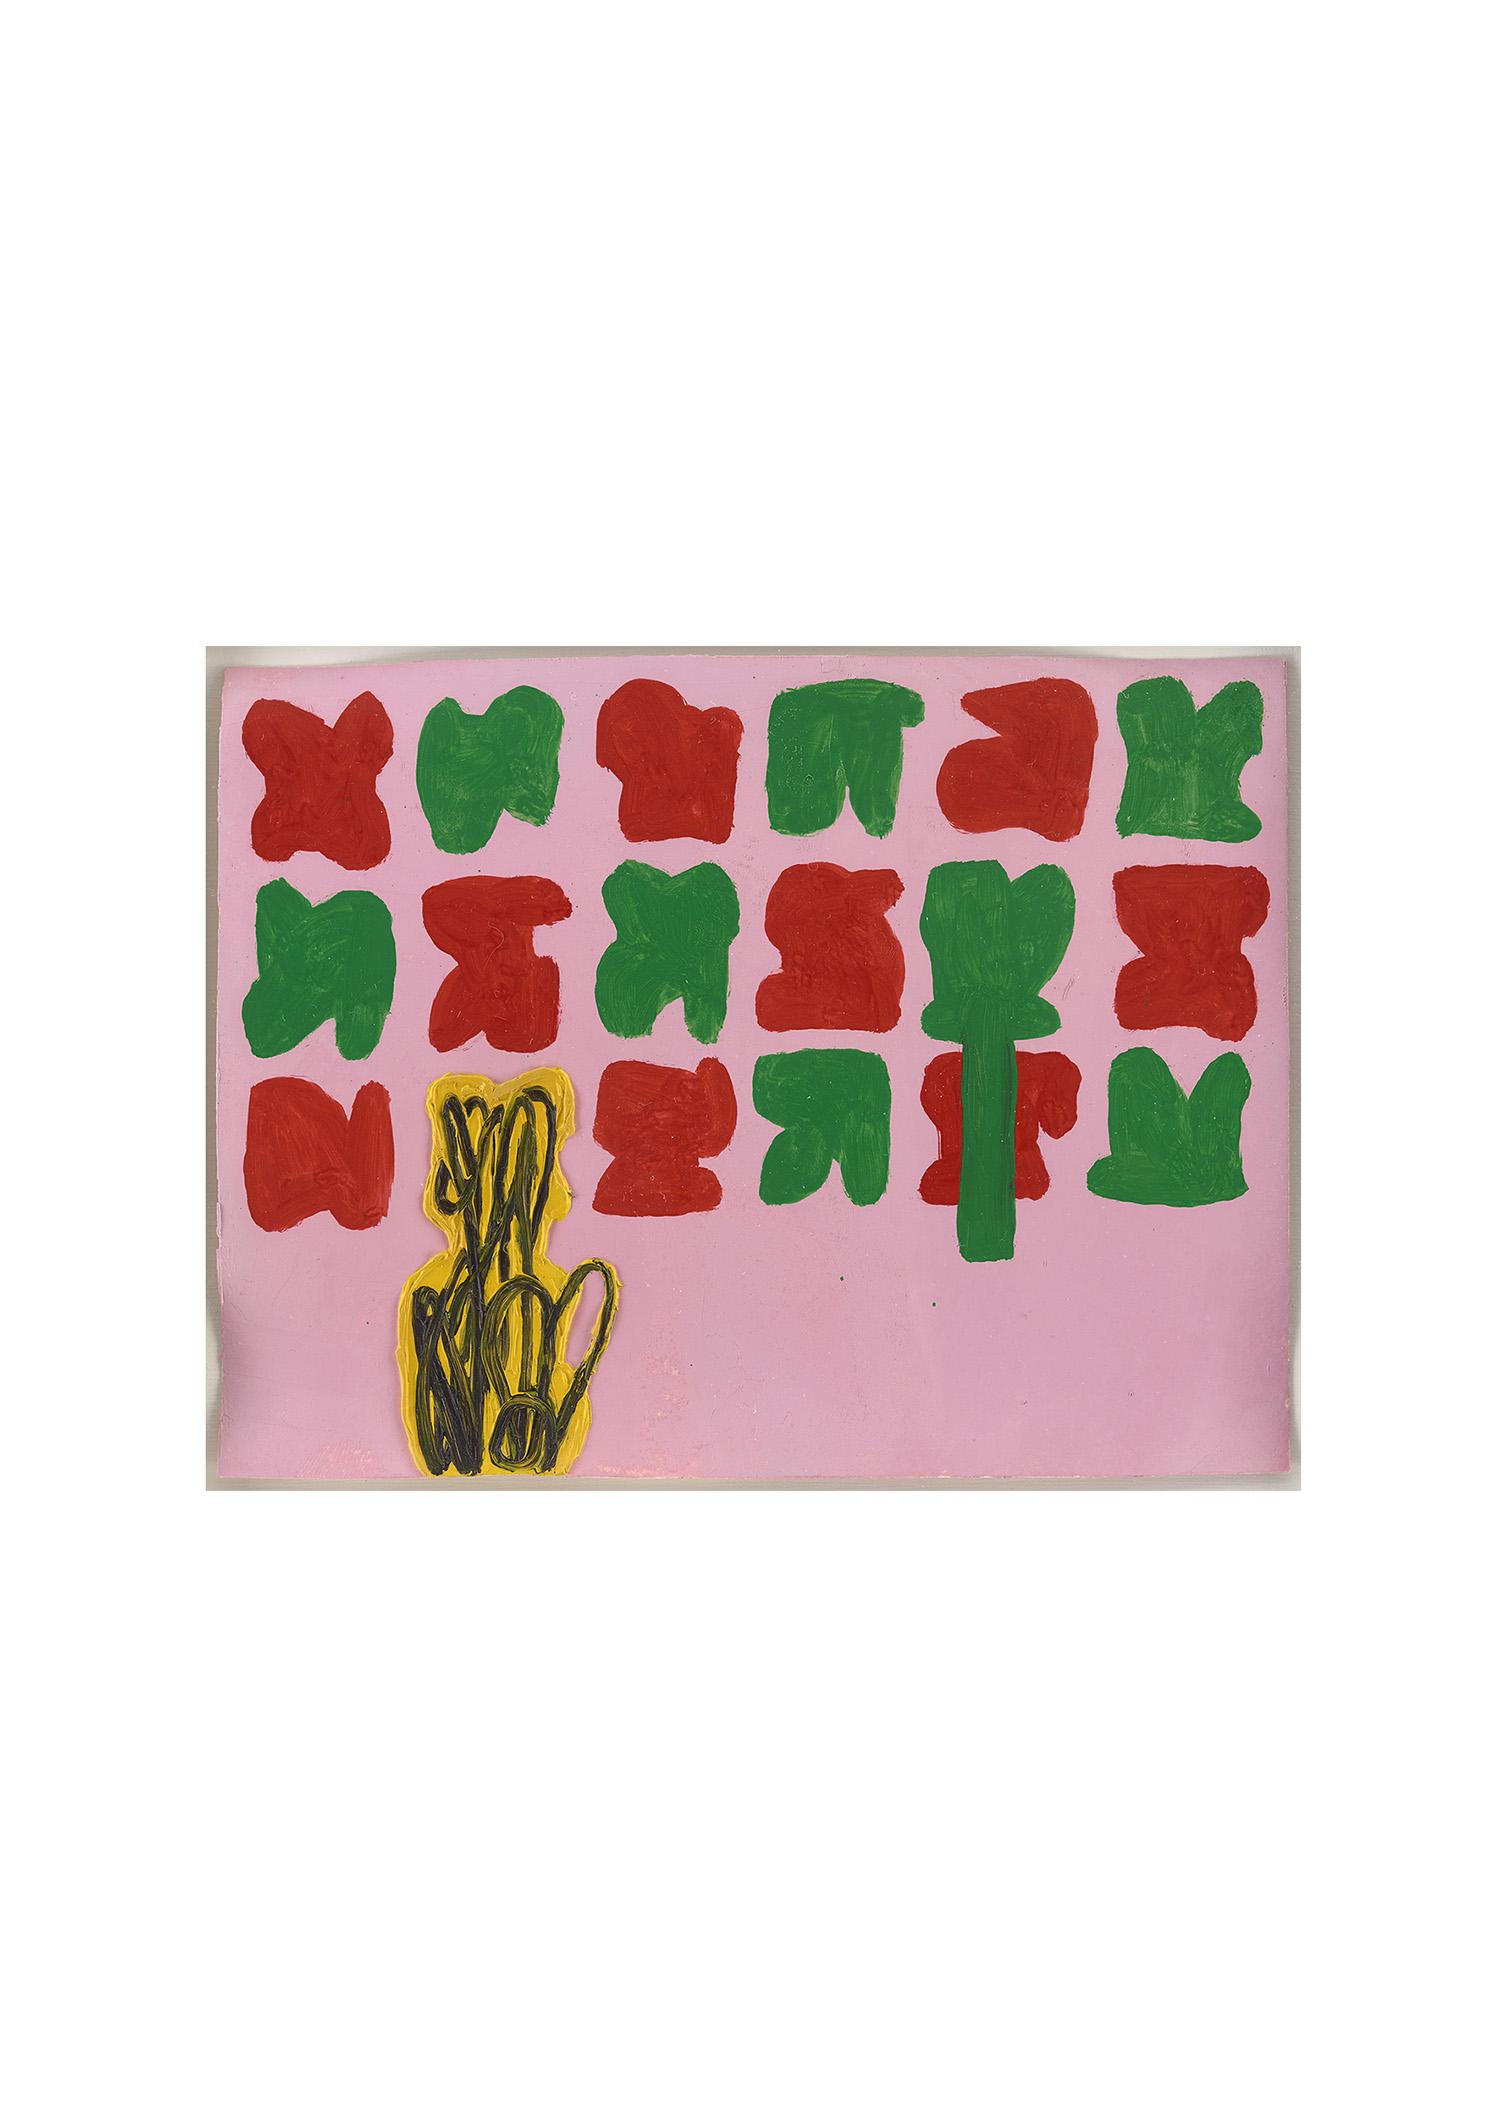 o.T. | 1995 | Mischtechnik auf Papier | 12 x 15 cm